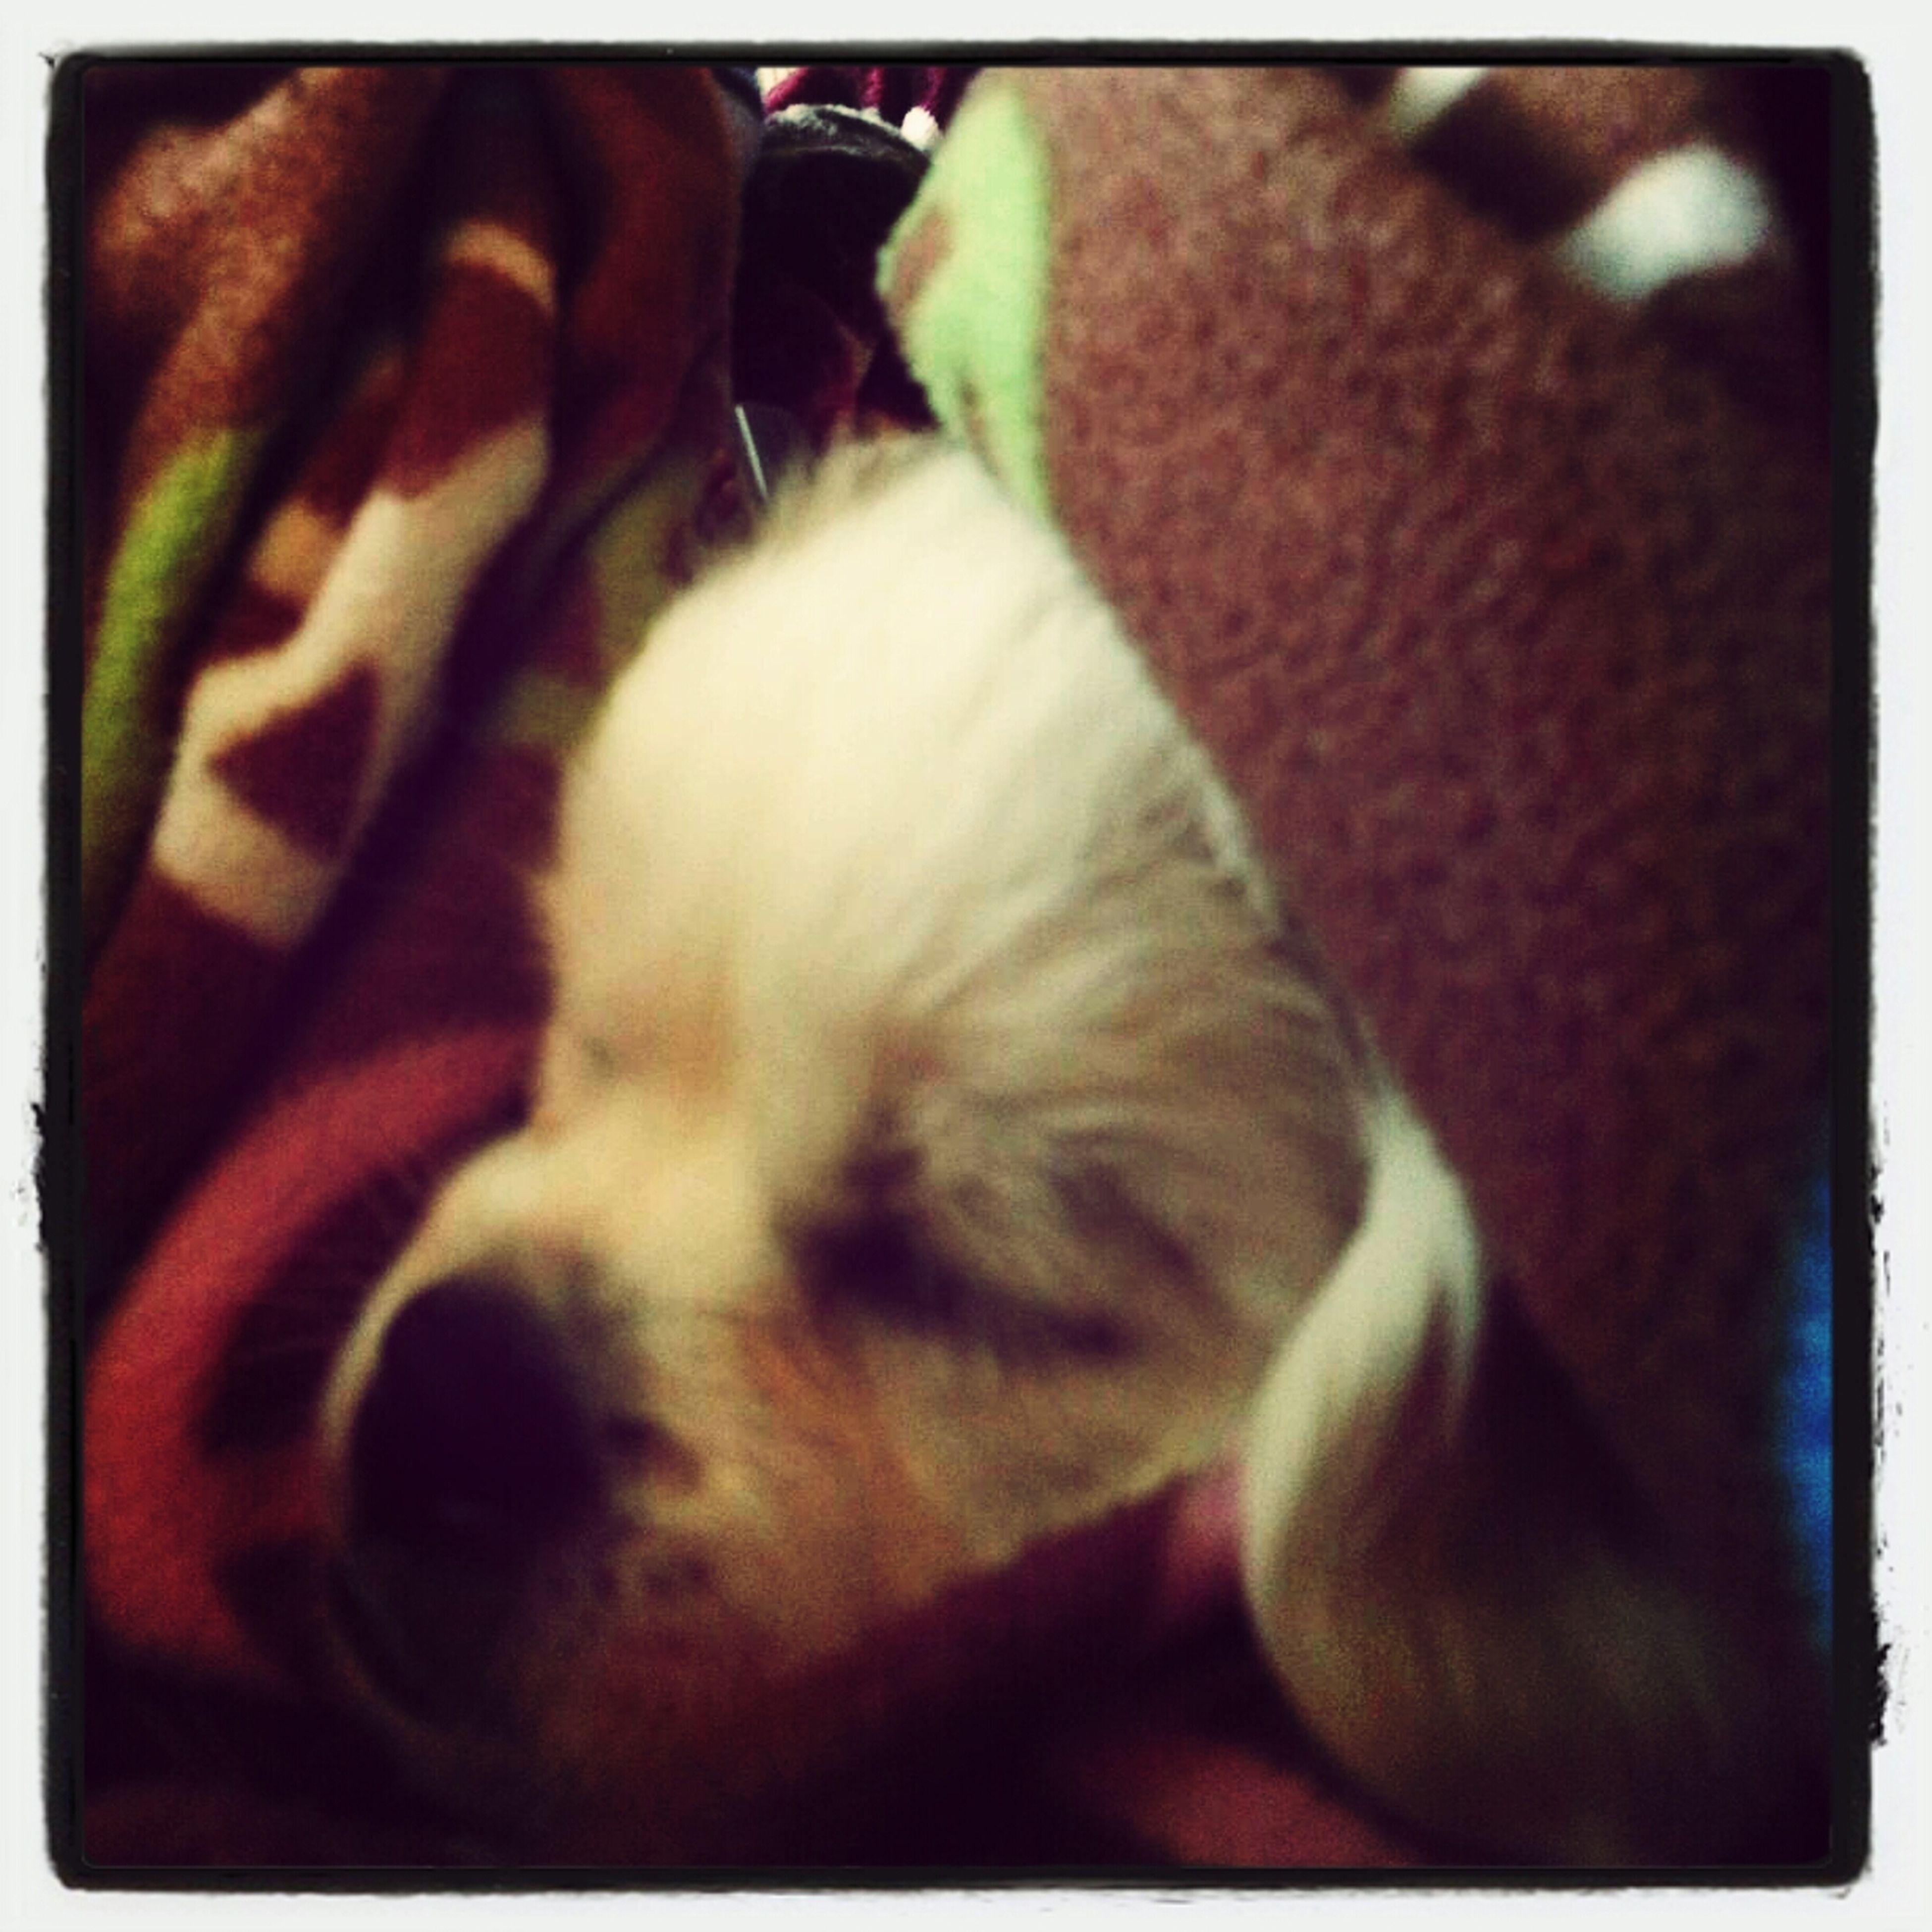 sleepy baby Couchpotato